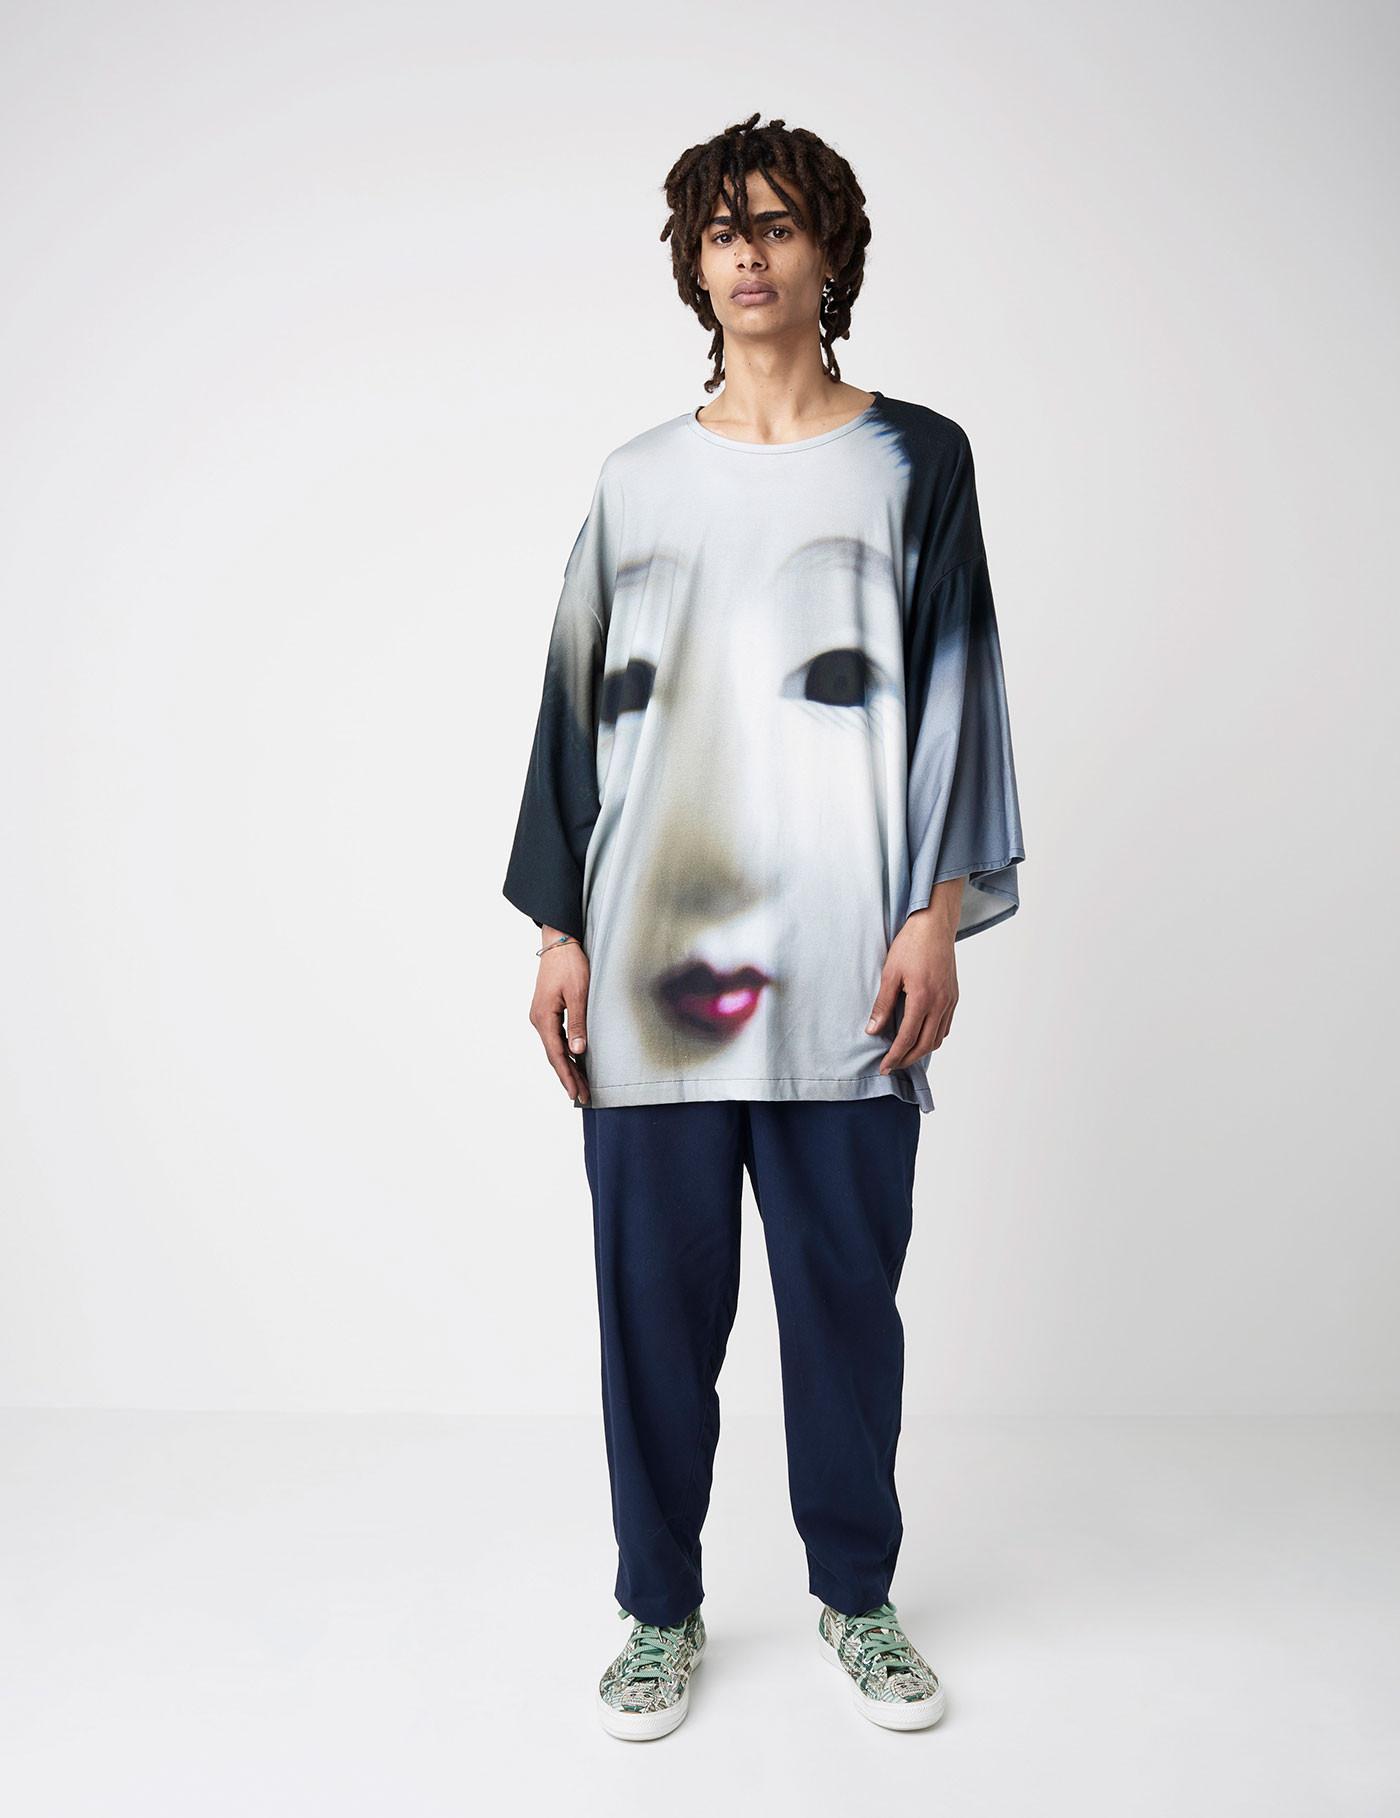 865e3306b Organic Cotton KIMONO T-SHIRT - Silvia Giovanardi   Sustainable Fashion